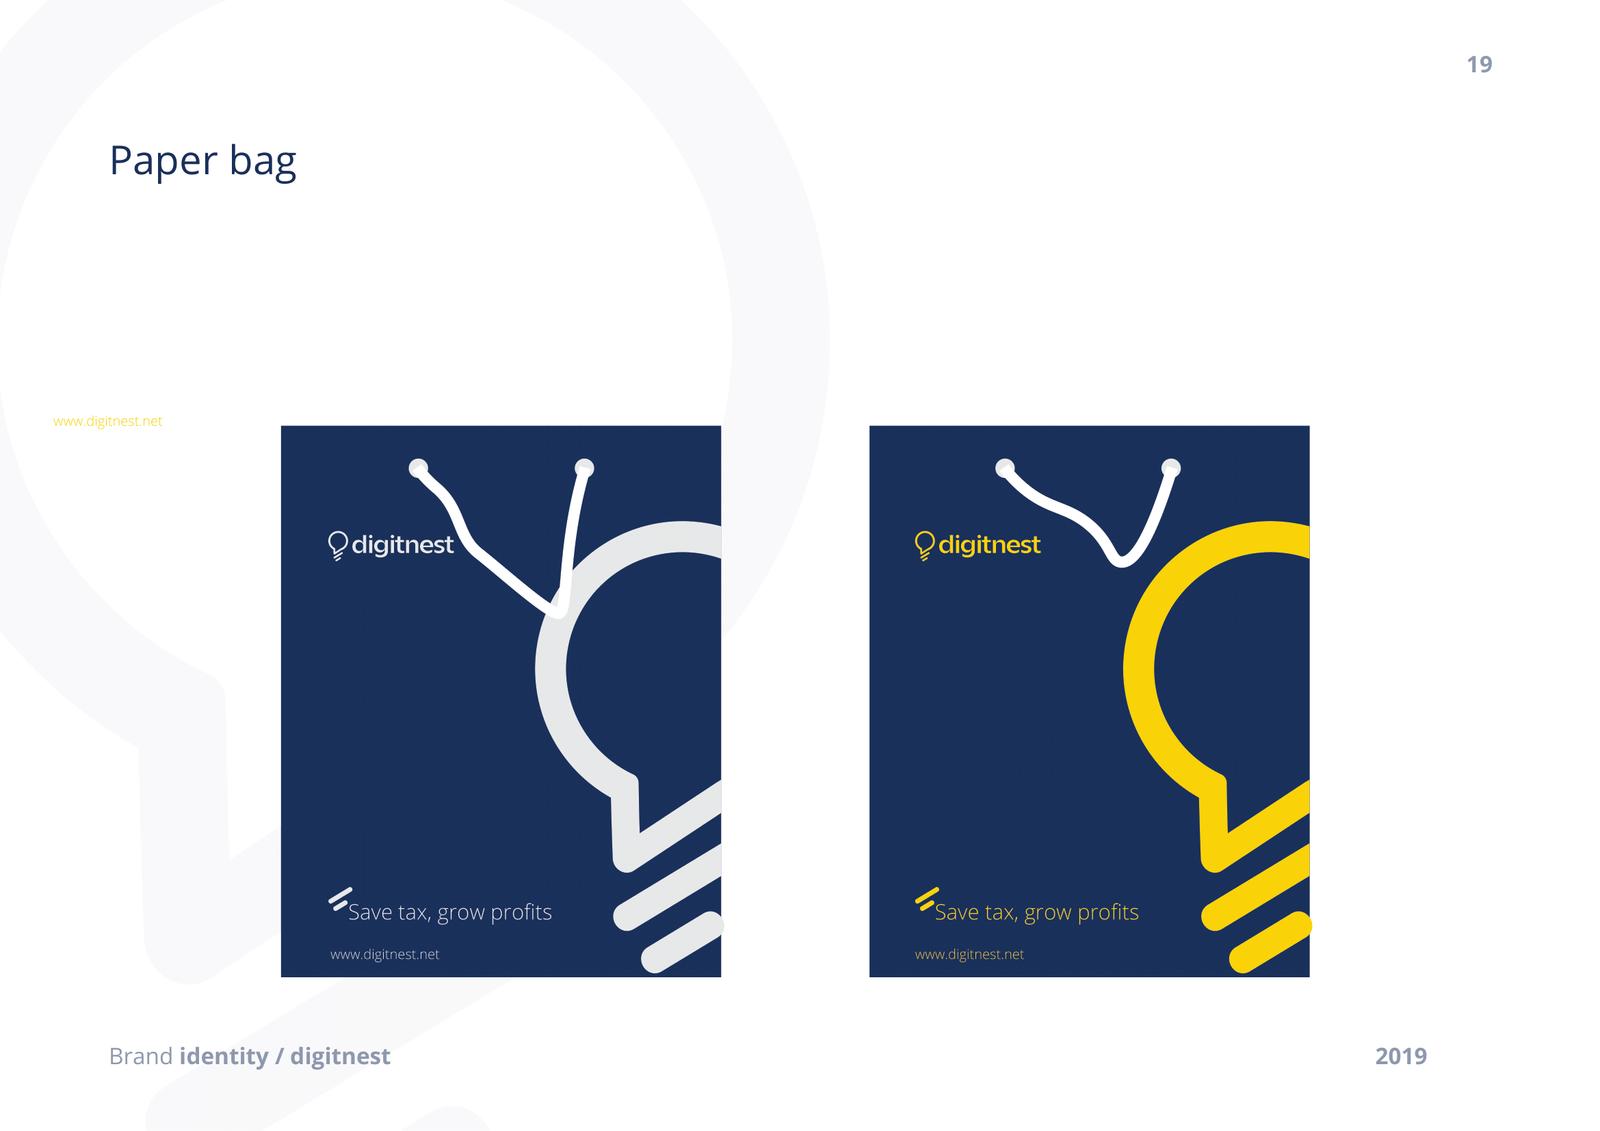 Digitnest_Brand_identity-20